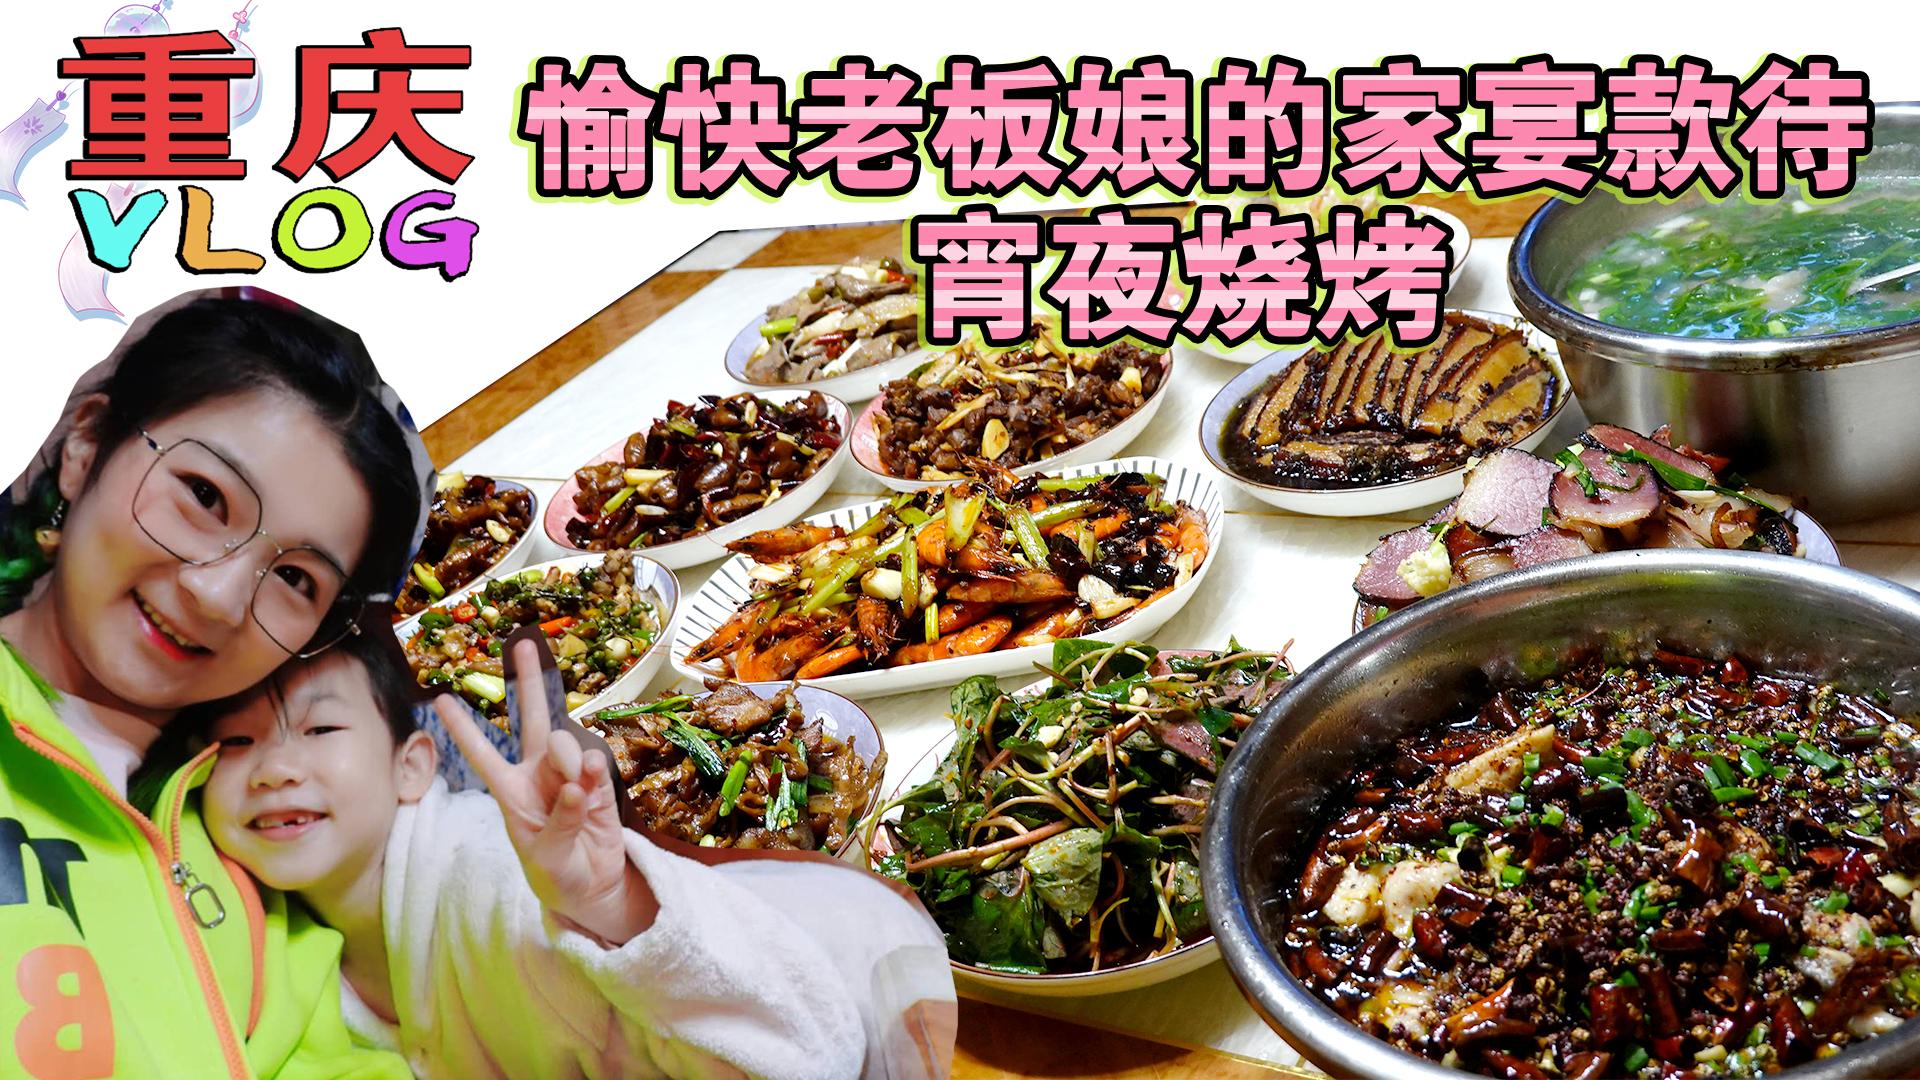 【逛吃重庆】愉快老板娘家蹭饭!正经家常菜,宵夜敖三姐烧烤,爽